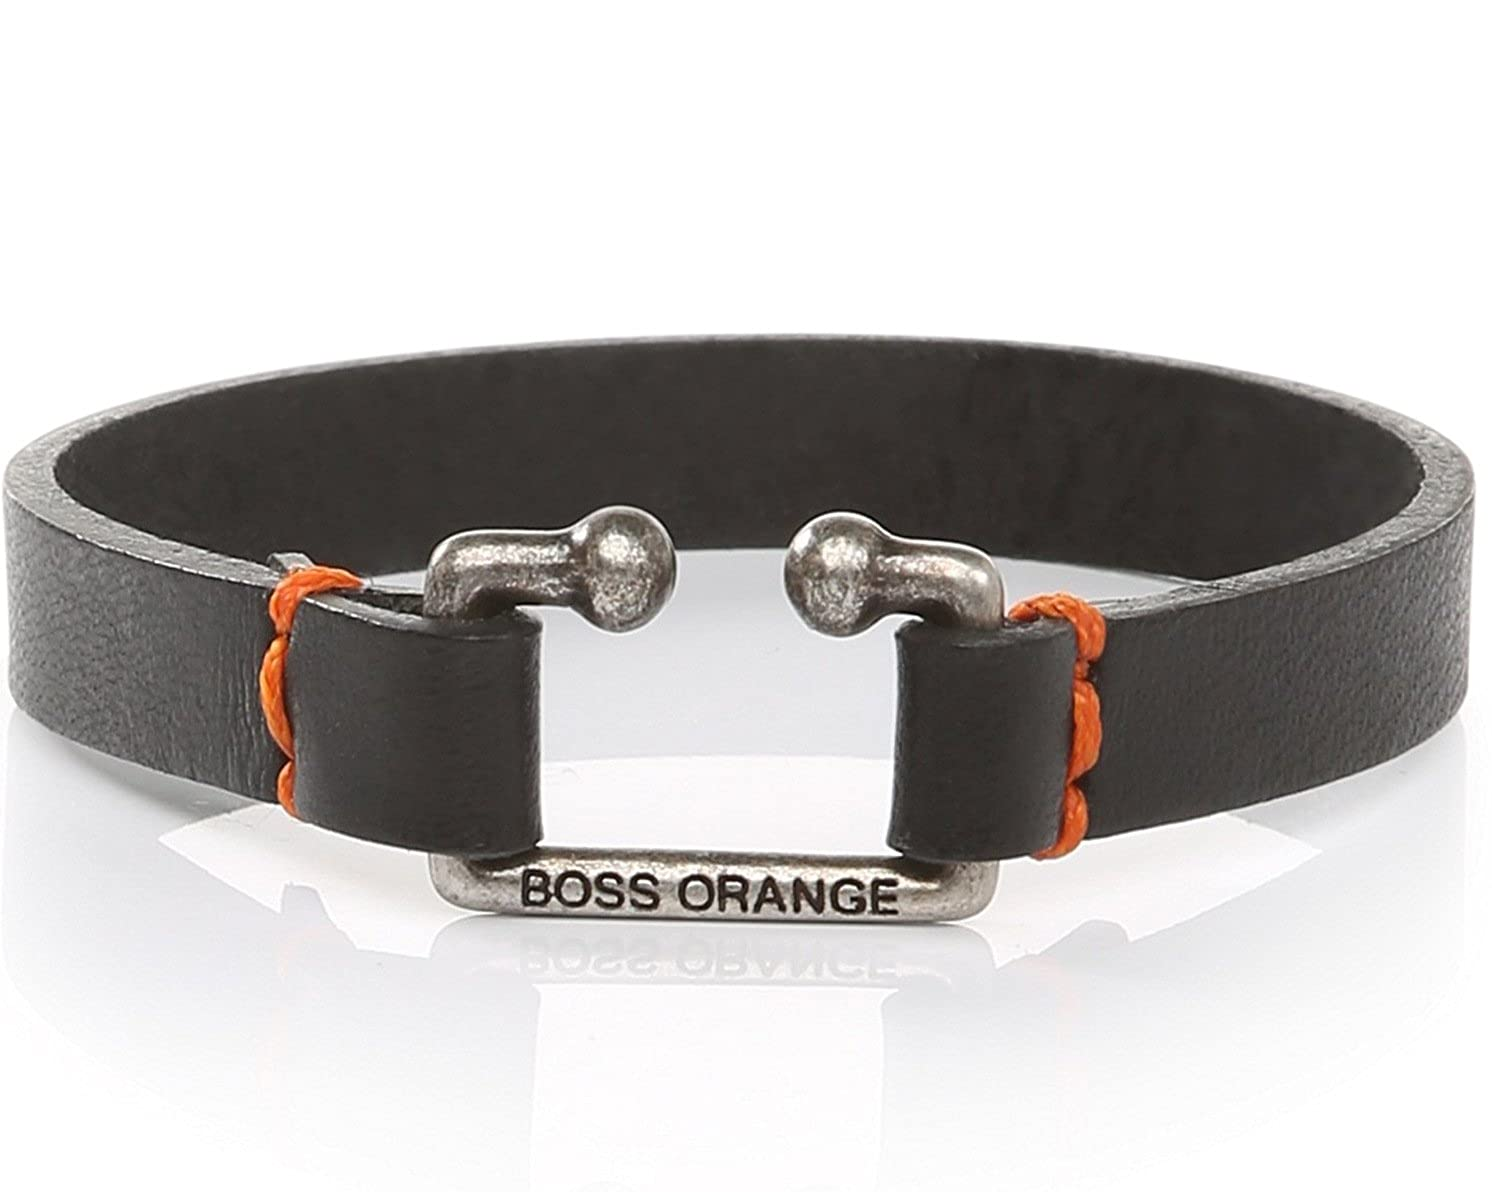 Pulsera Hugo Boss Orange Morris negra de piel para hombres: Amazon.es: Joyería